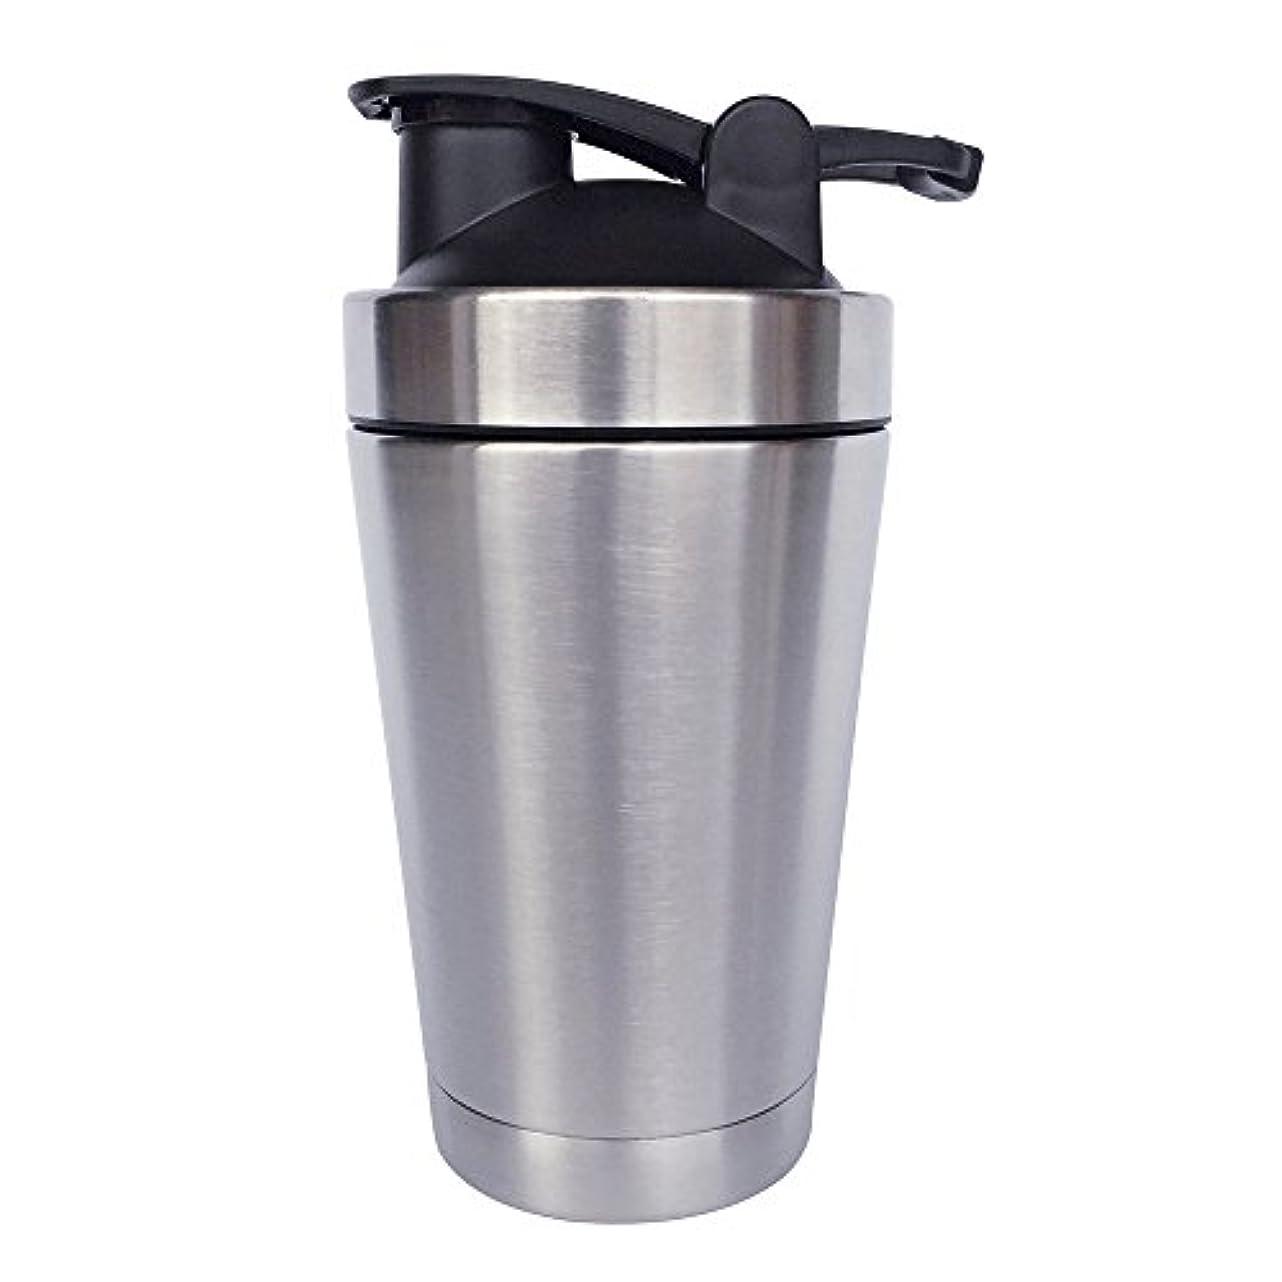 恩赦最も早い無一文ステンレス鋼 スポーツウォーターボトル タンパク質ミルクセーキシェーカー?カップ 振ってボール 小さいサイズ 500ml